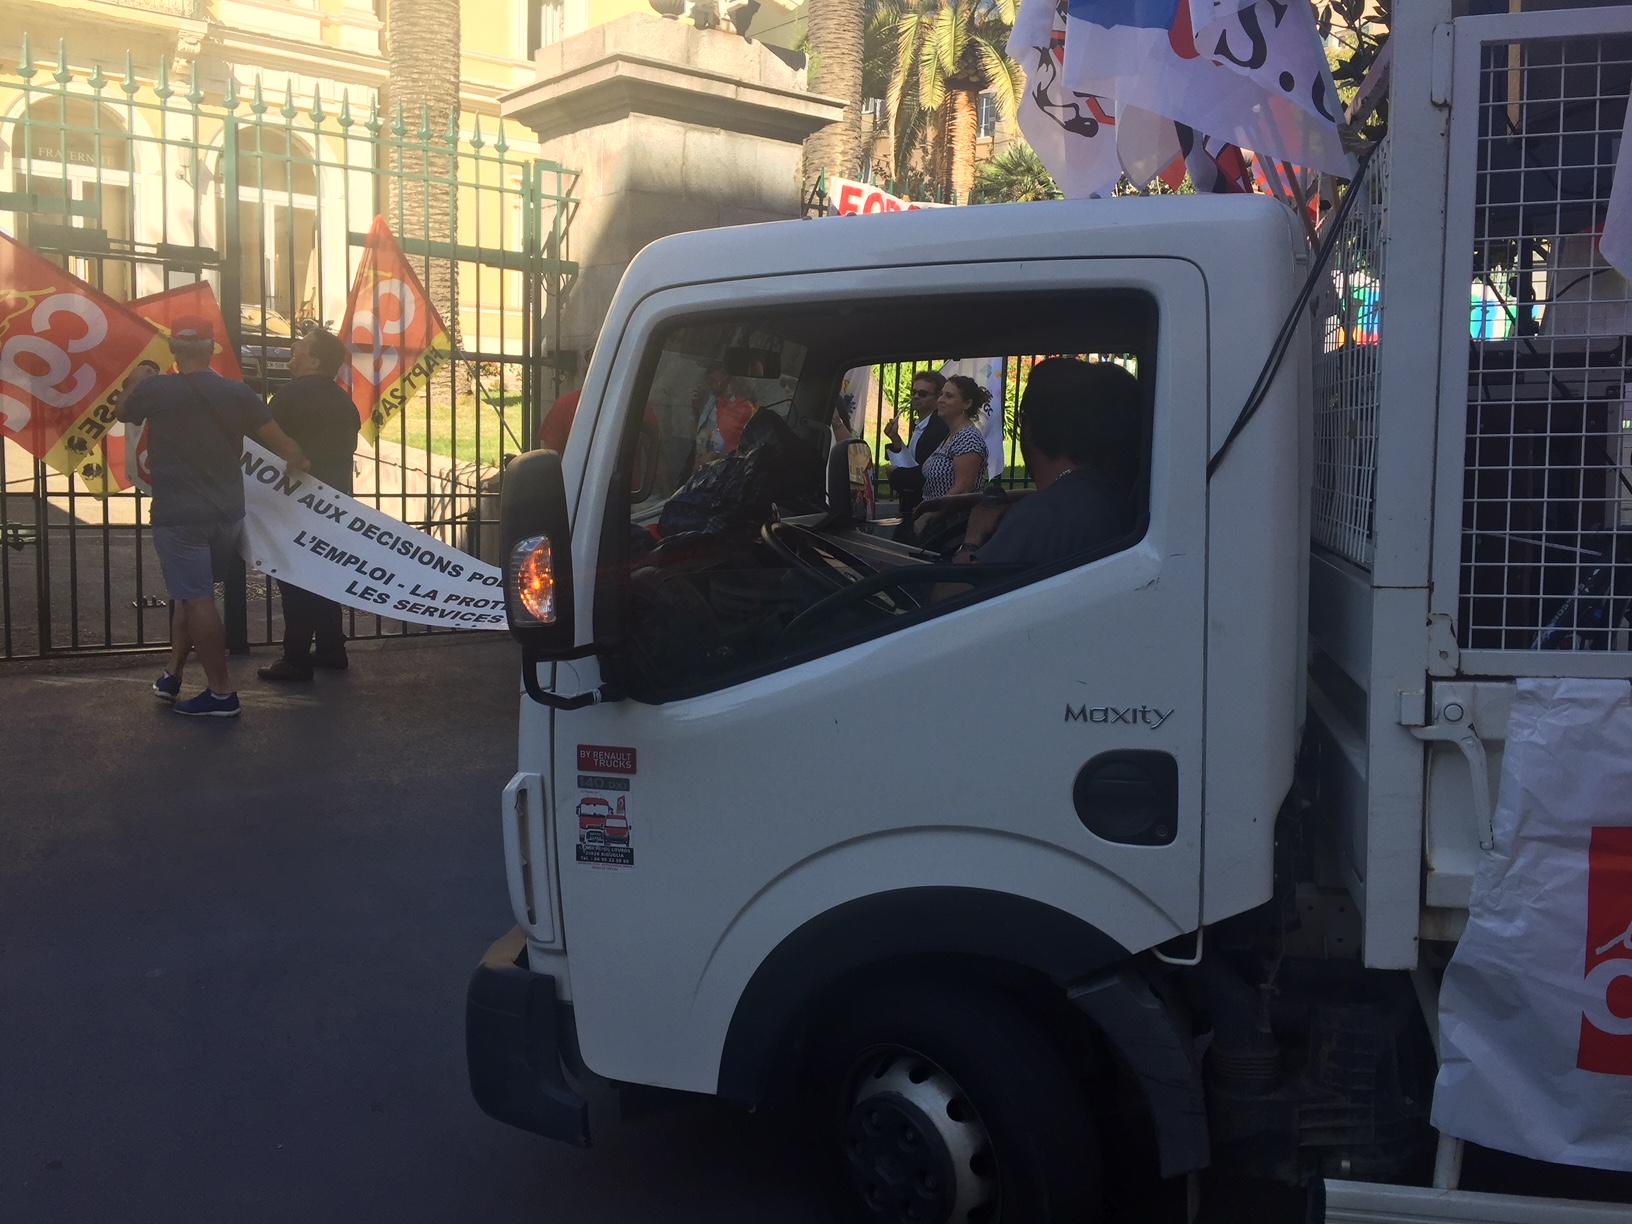 The Voice la voix issue du camion